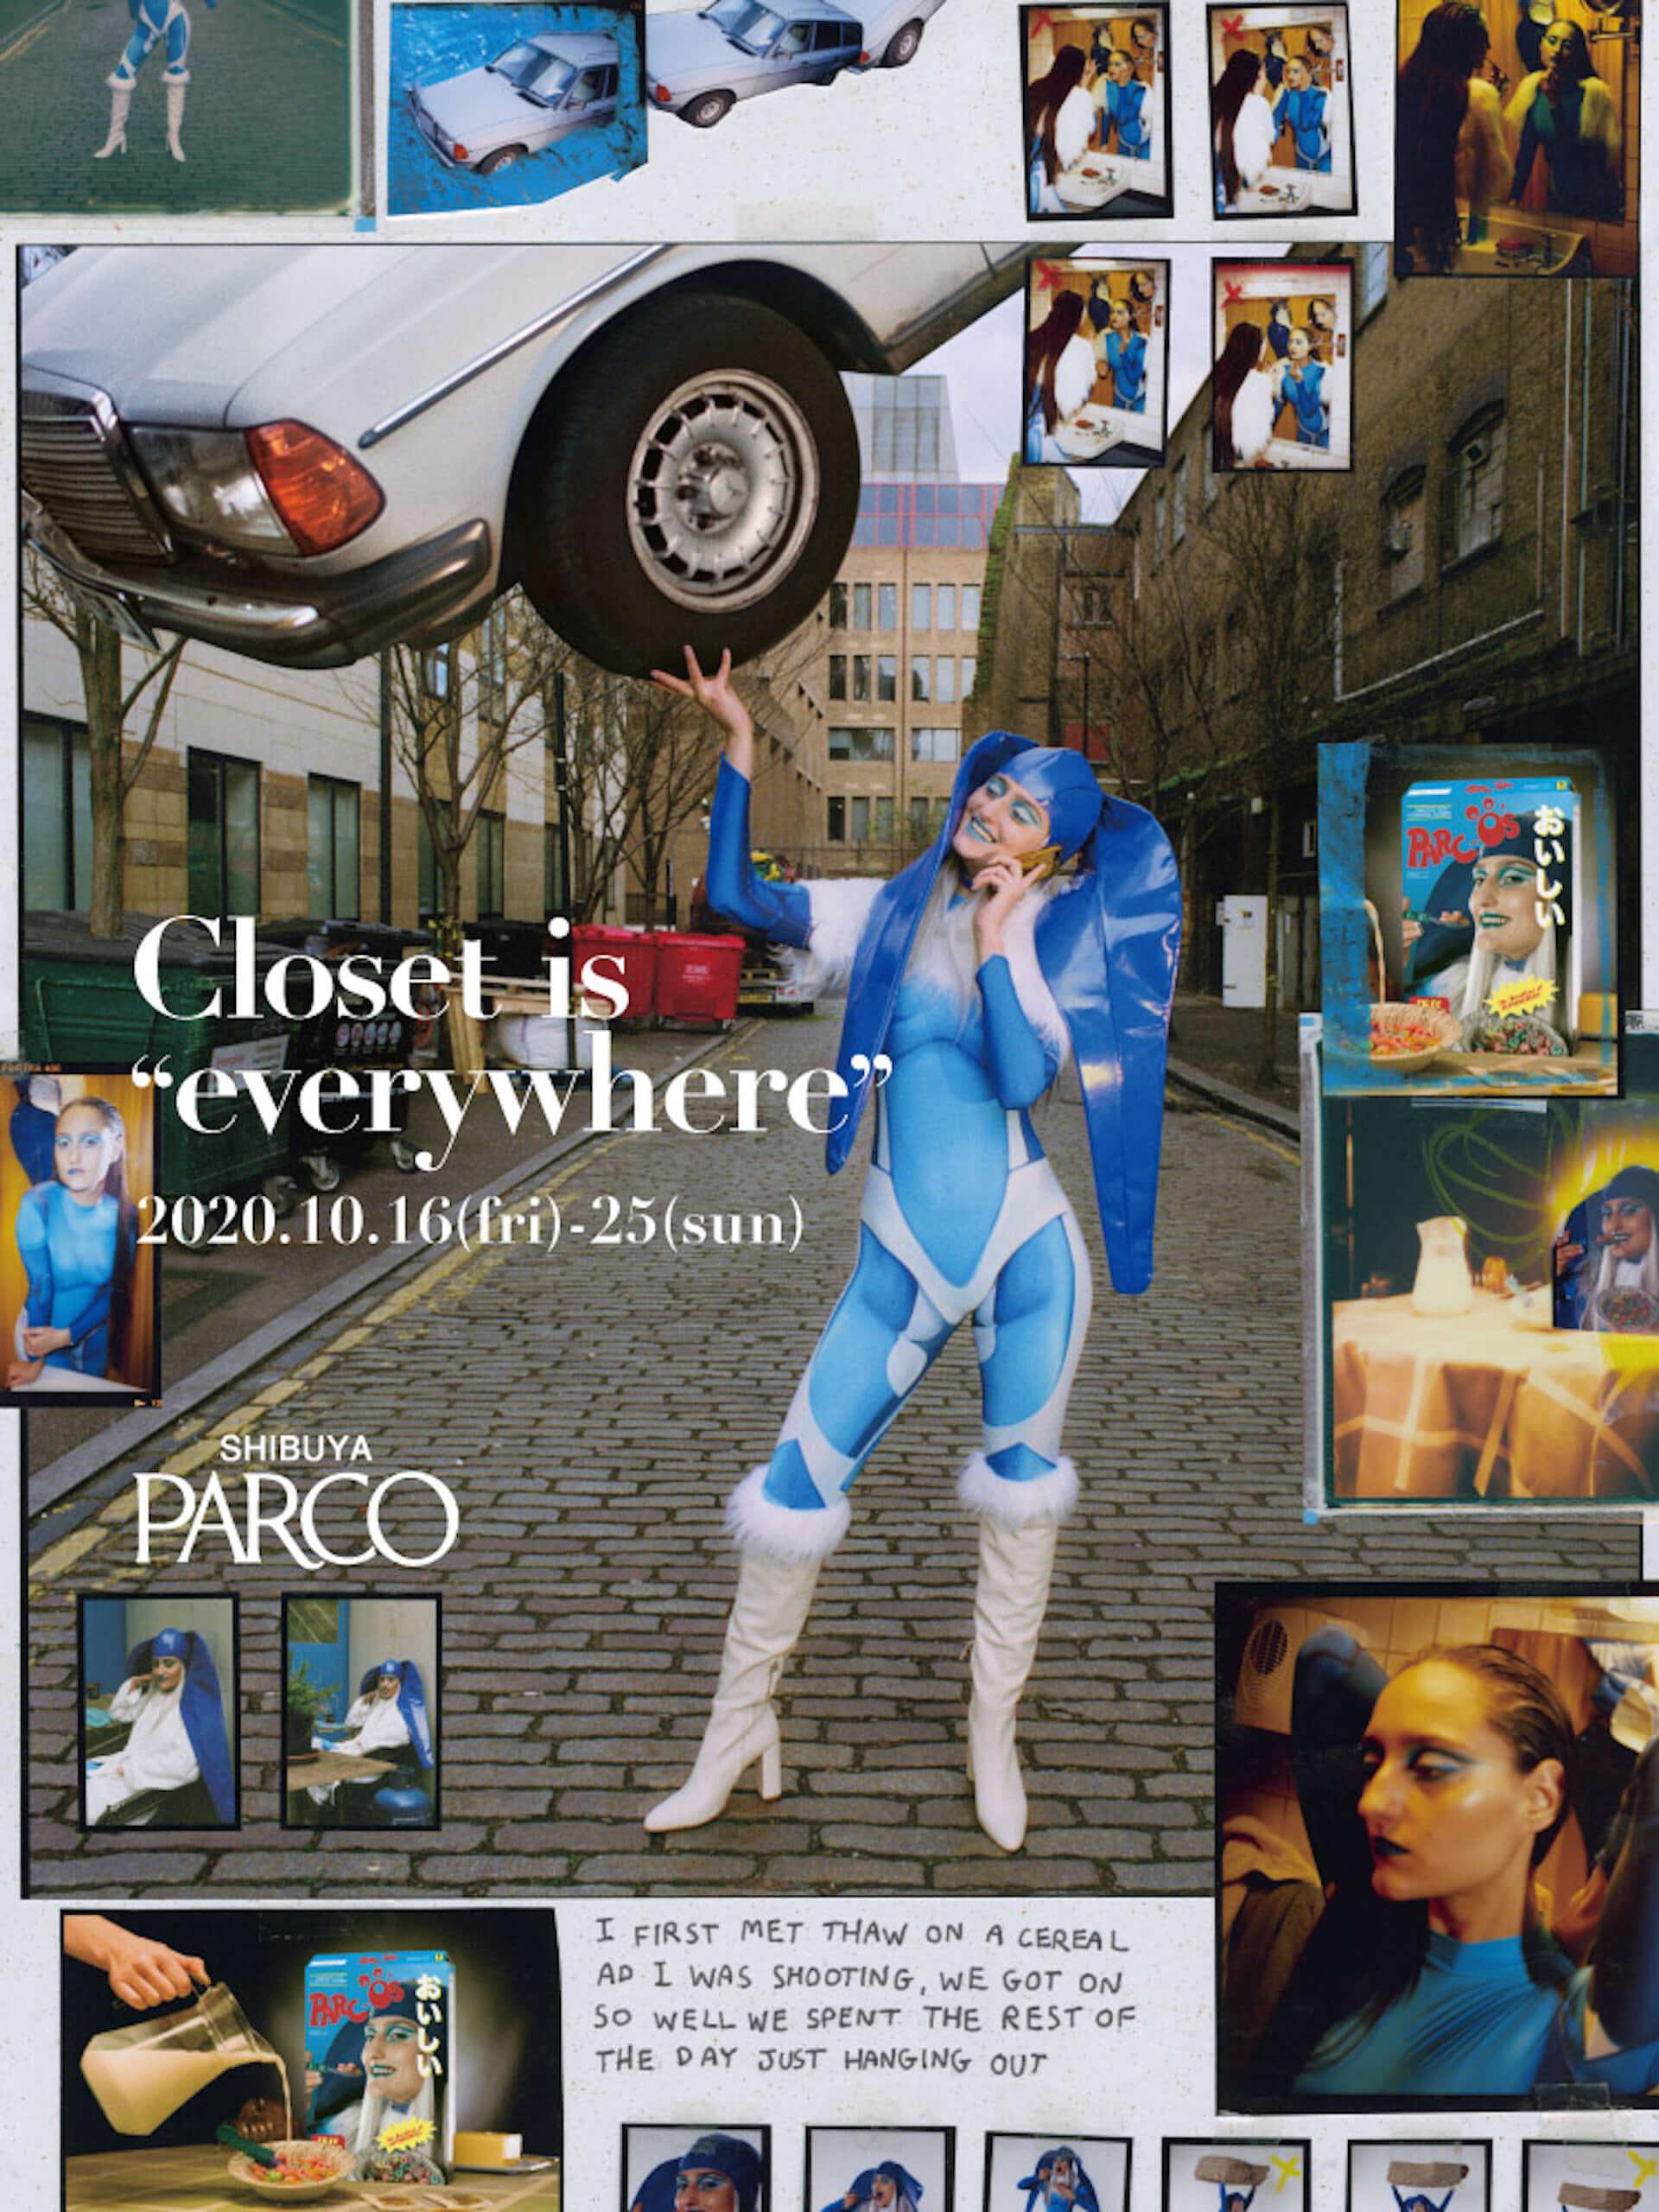 """渋谷PARCOによる販売企画<Closet is """"everywhere"""">が開催決定!高橋愛、中田みのりらが秋冬アイテムを紹介するライブショッピングも実施 lf201013_parco-closetiseverywhere_2-1920x2560"""